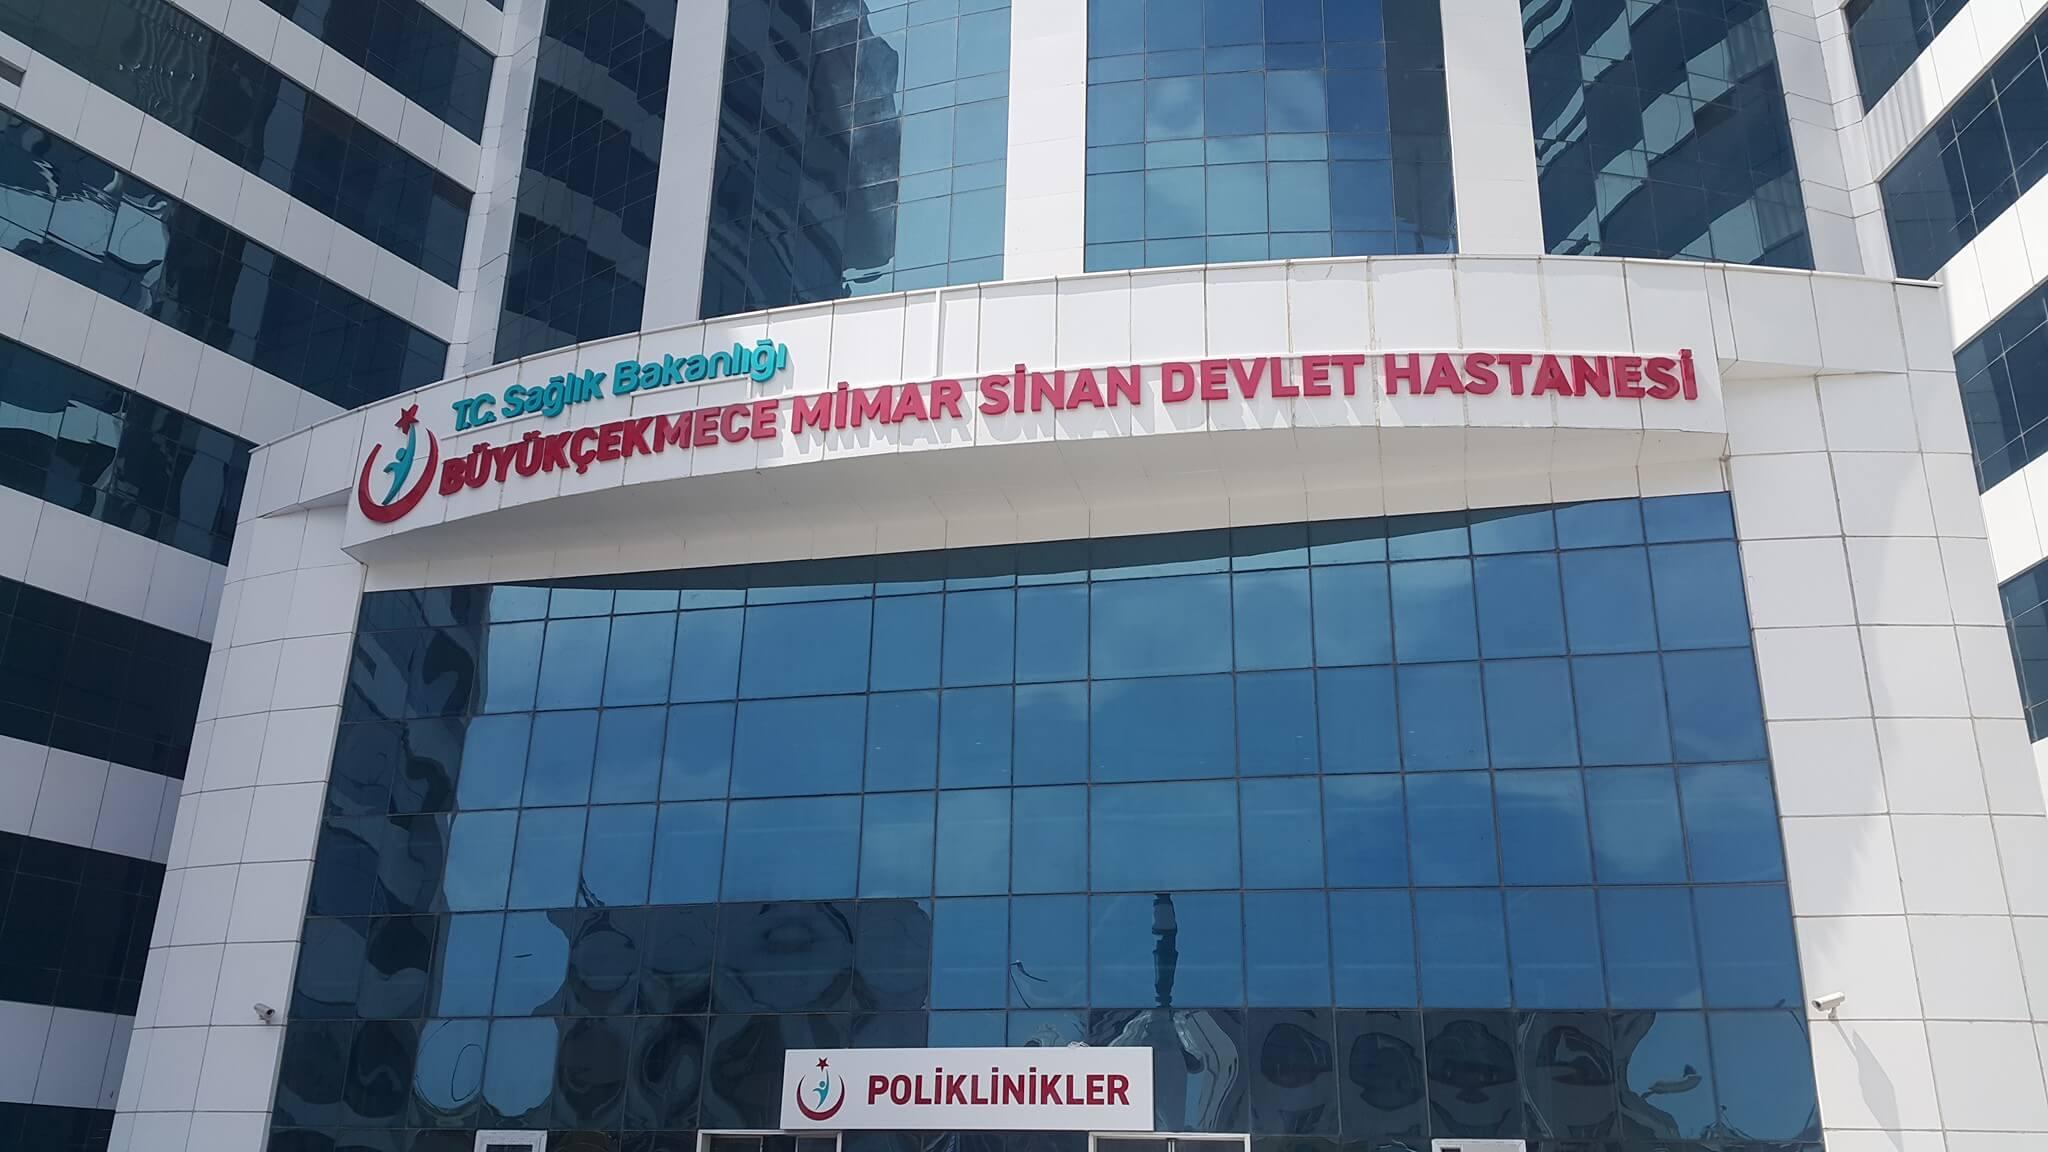 Büyükçekmece Mimar Sinan Devlet Hastanesi | damasturk Real Estate